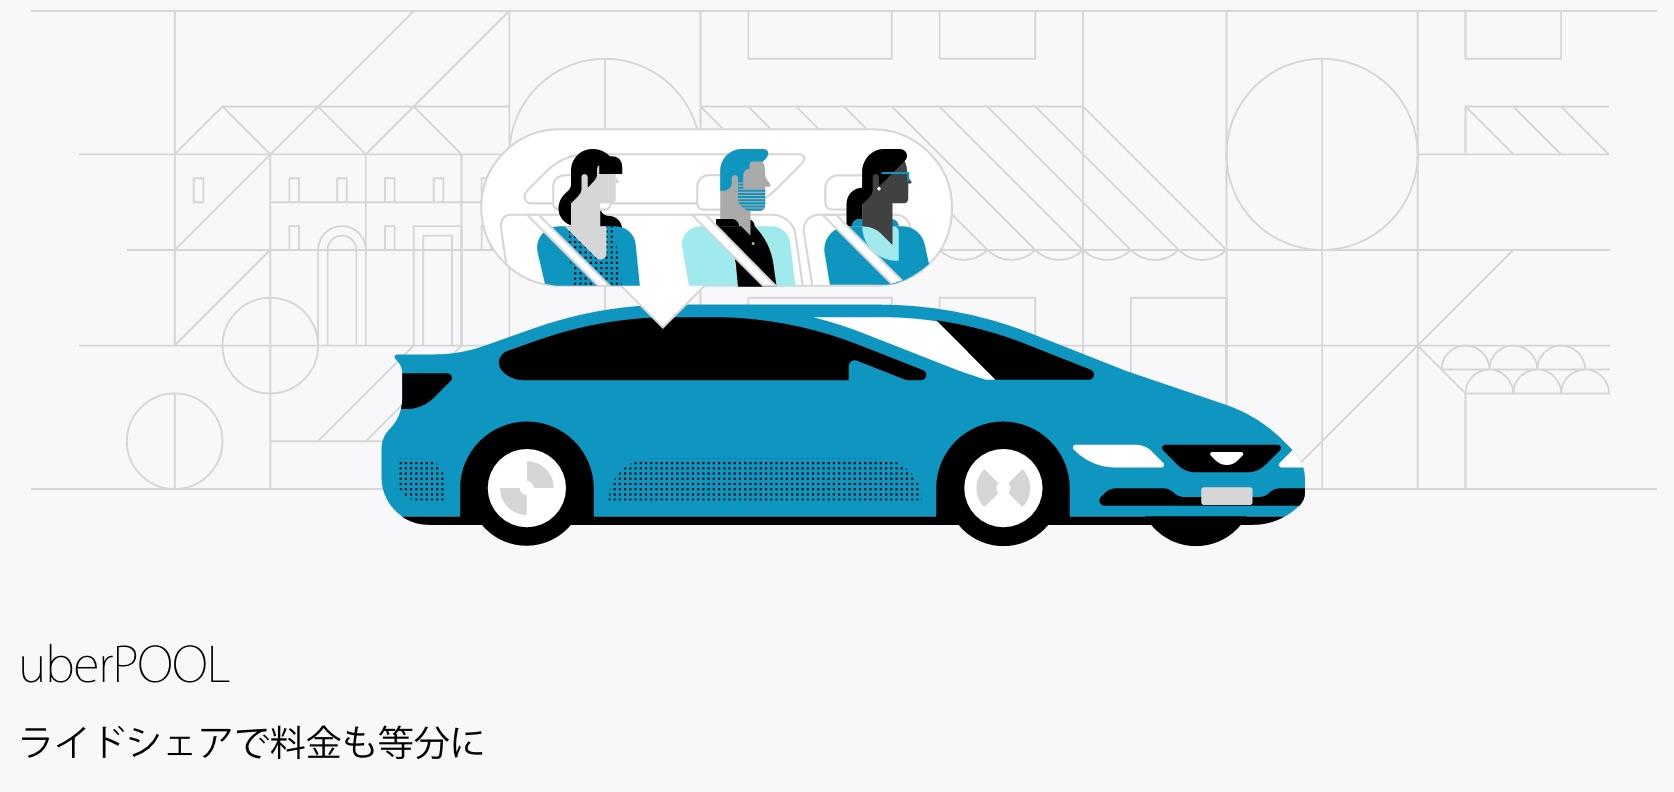 Uber タクシー それとも Uber ドライバーとして または乗客としてニューヨークで Uber を活用しましょう